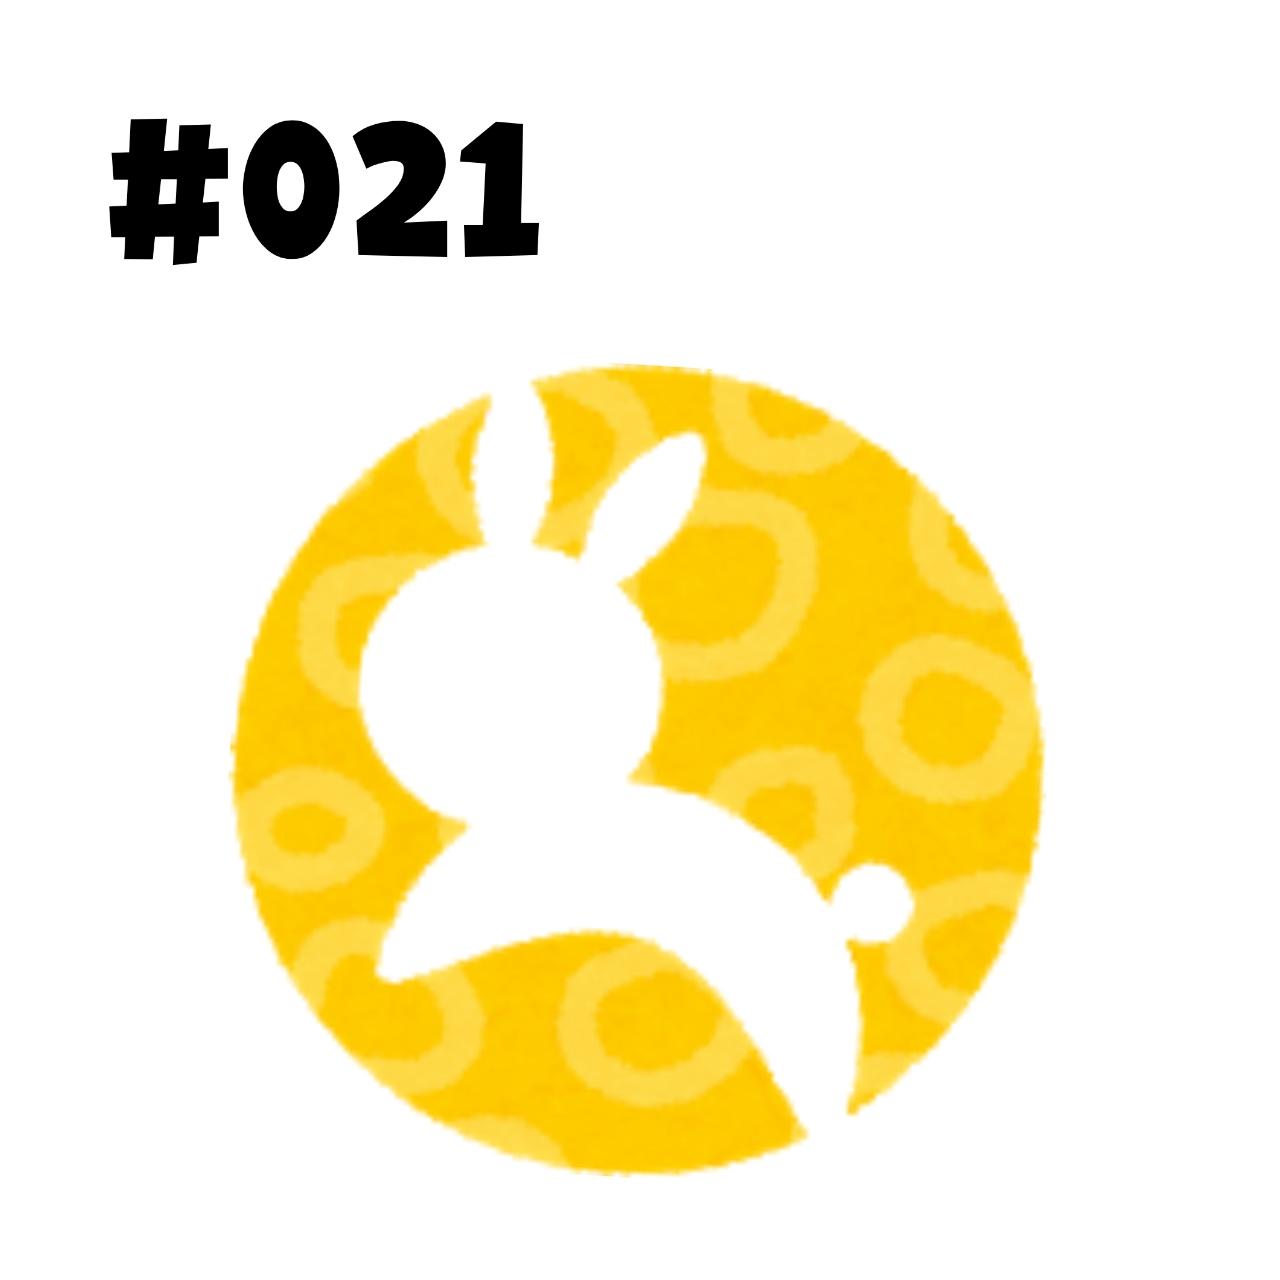 #021  ハロプロ版セラミュをやってくれ頼む